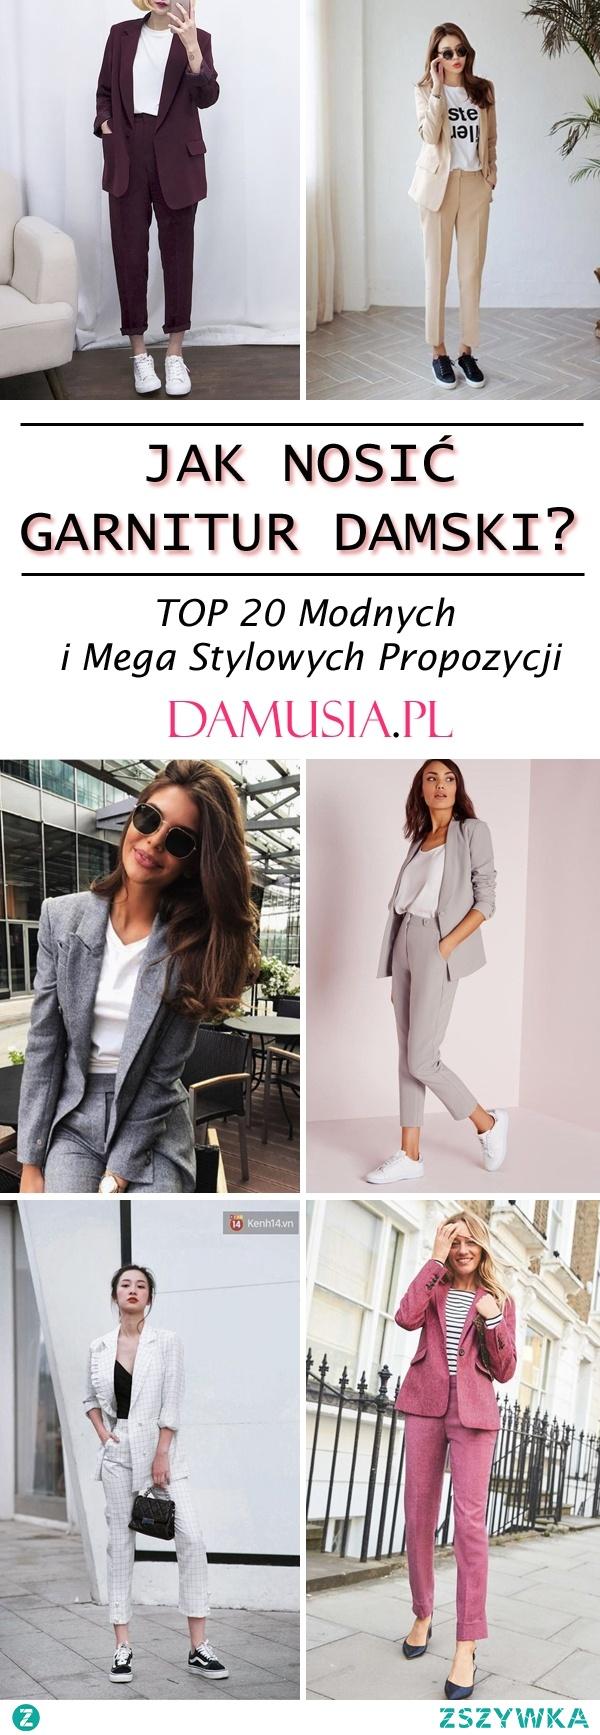 Jak Nosić Garnitur Damski – TOP 20 Modnych i Mega Stylowych Propozycji